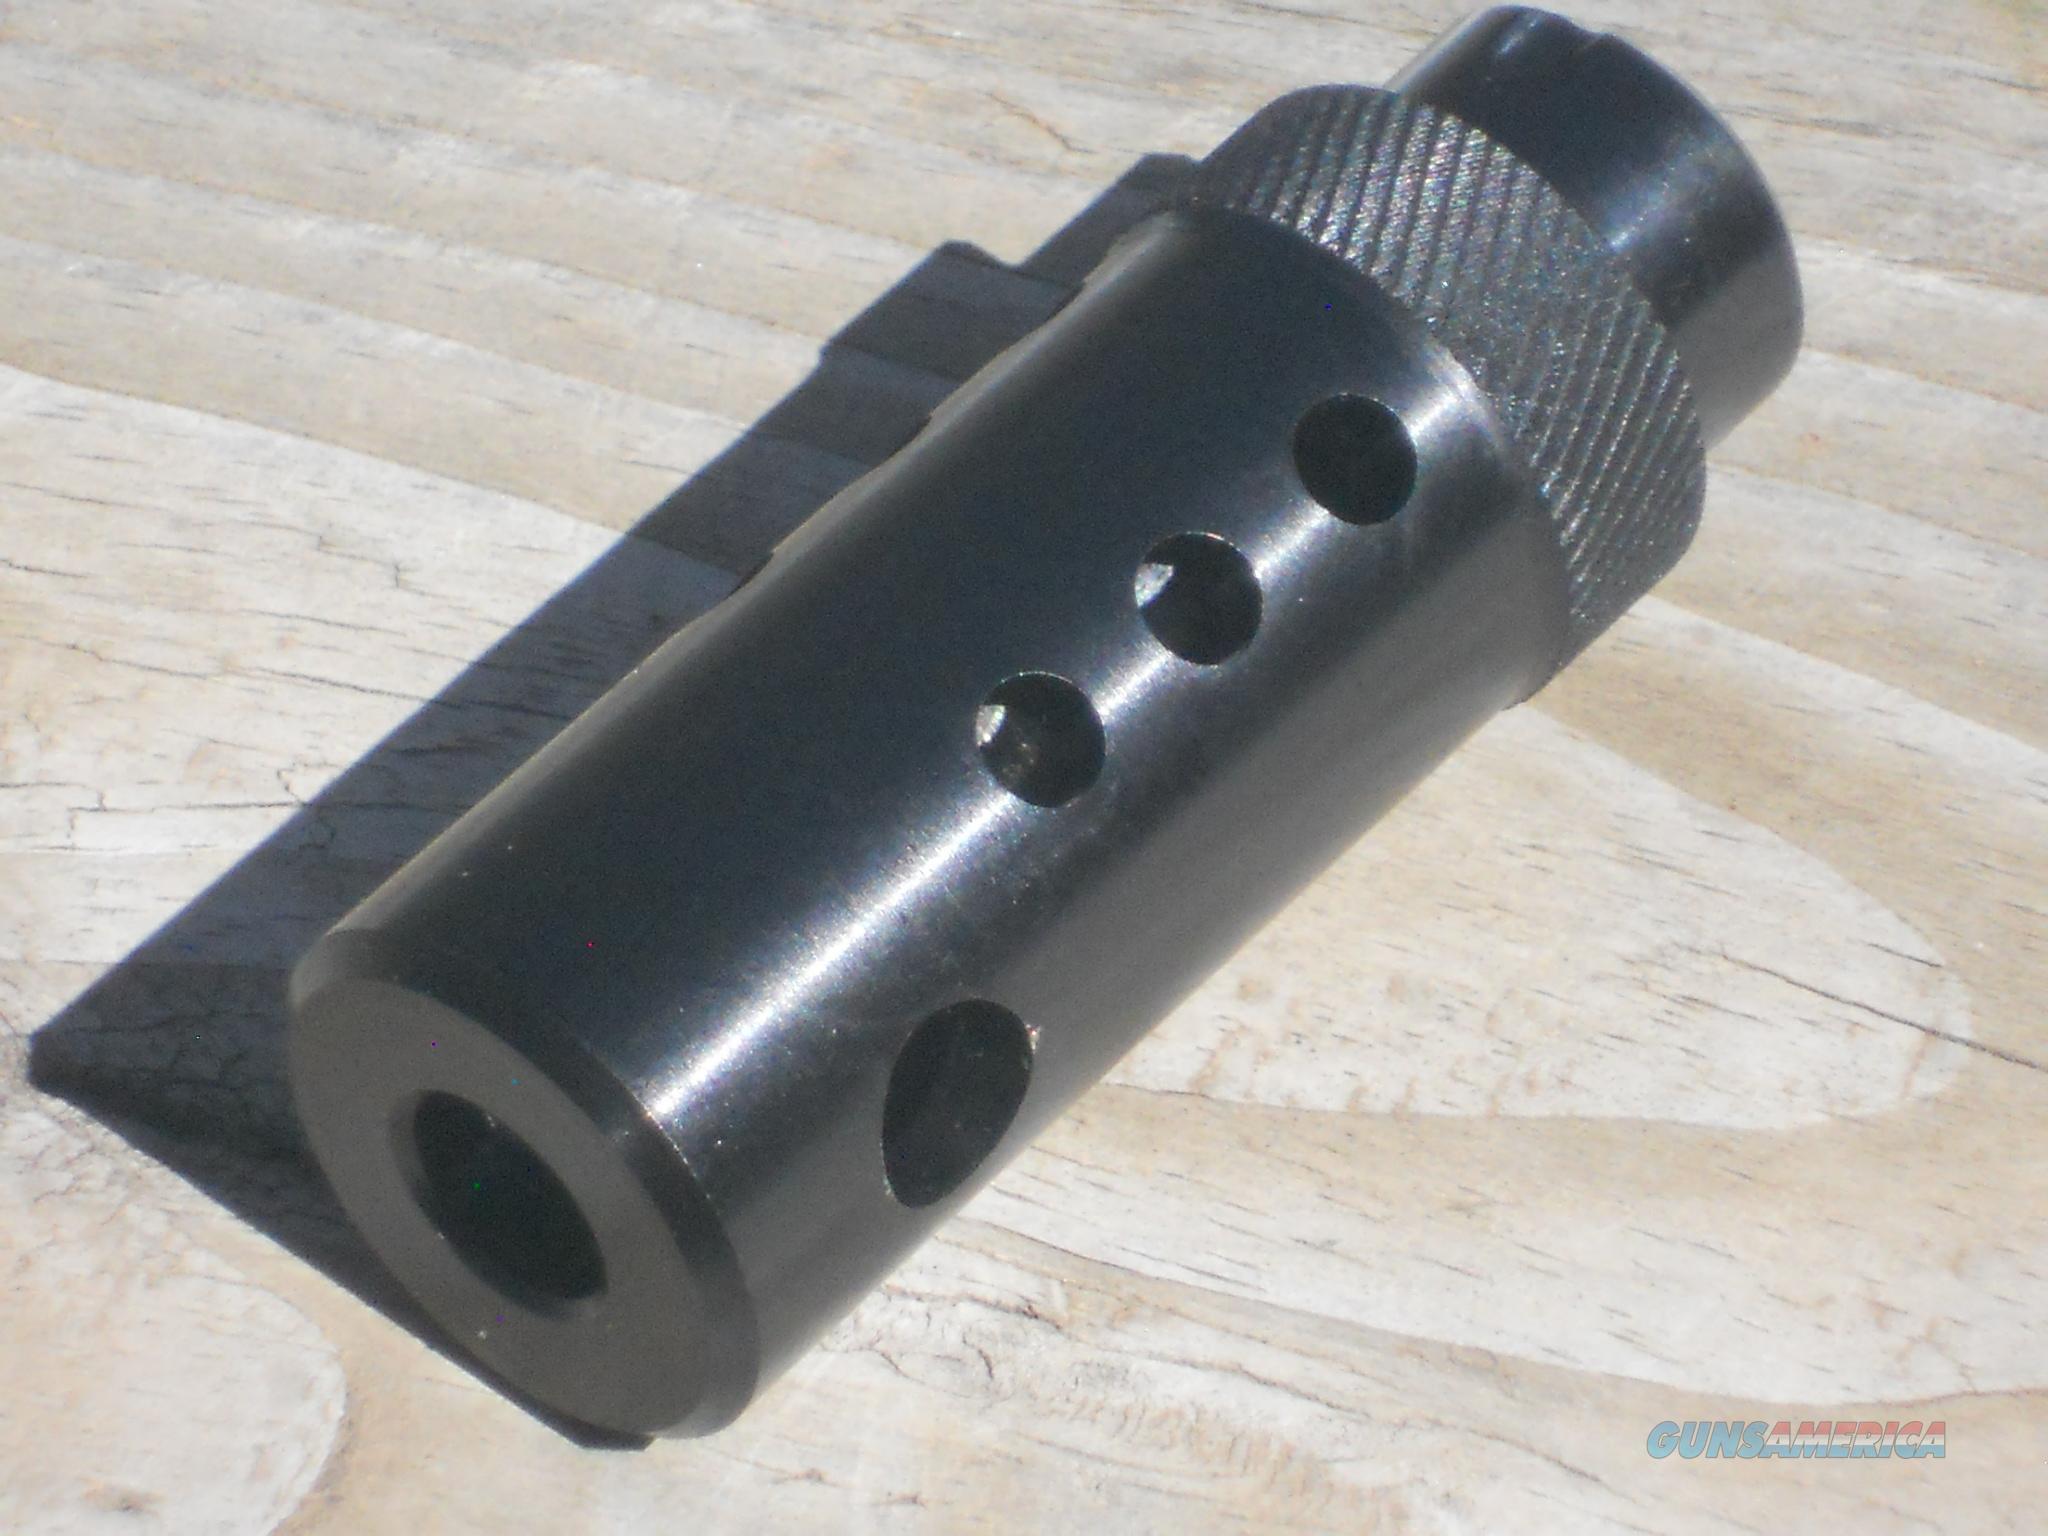 VZ58 CZECH US MFG MUZZEL BRAKE  Non-Guns > Gun Parts > Military - Foreign